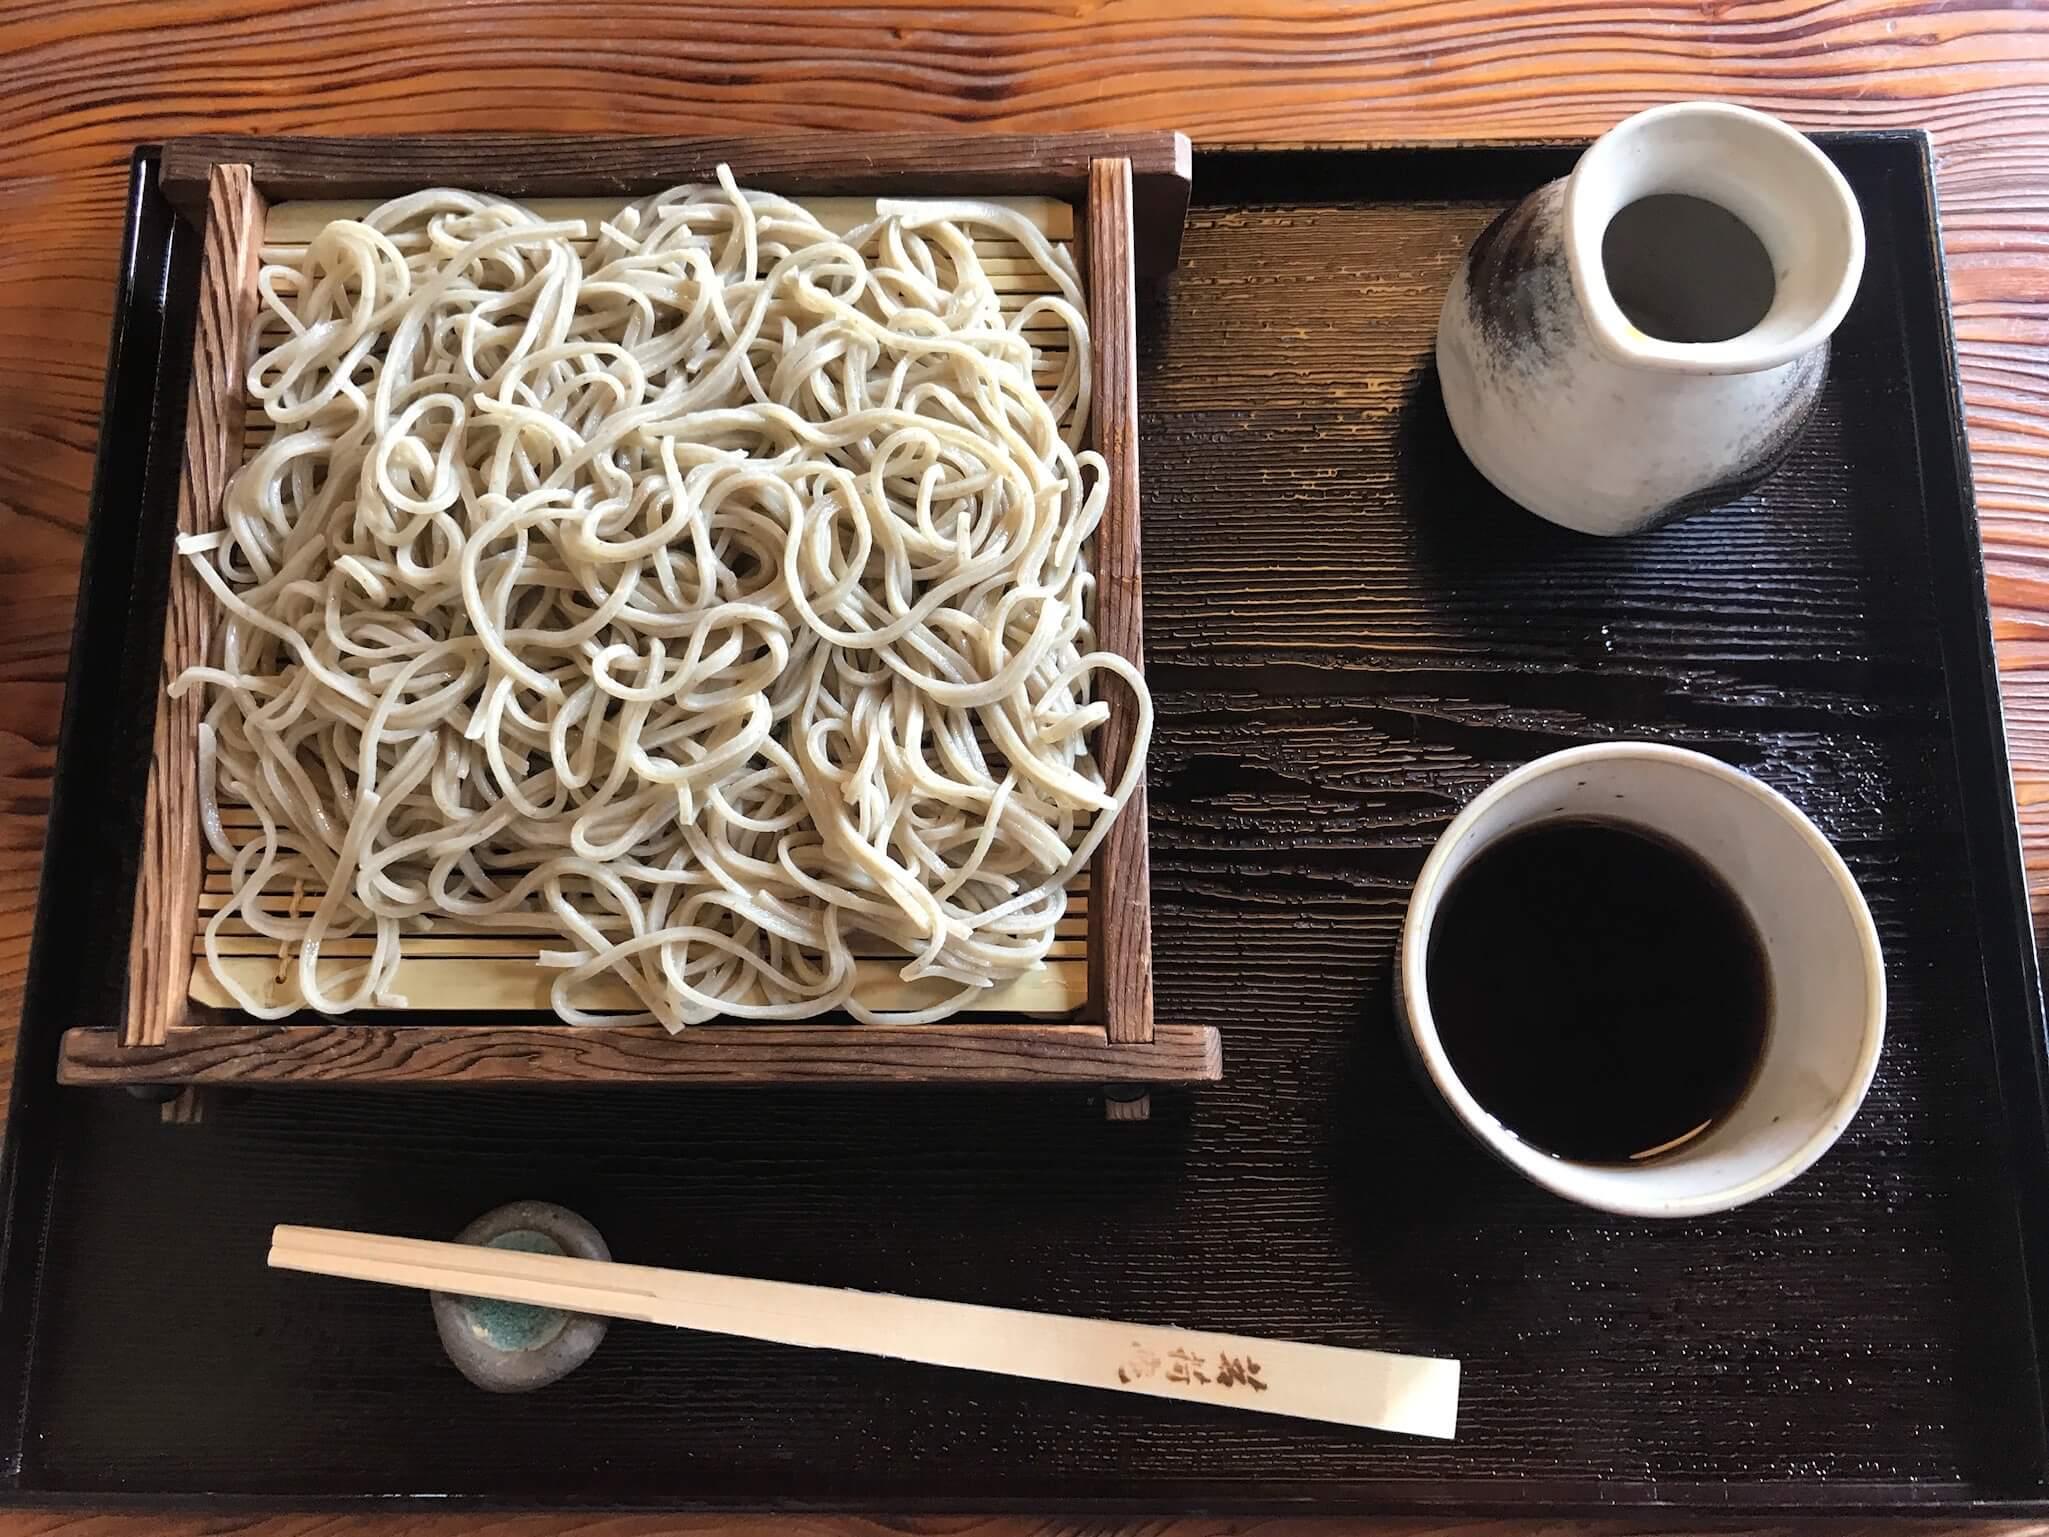 「 茗荷庵 」羽咋市神子原で見つけた蕎麦屋さんで、喉ごし上等の絶品「ざるそば」に出会った